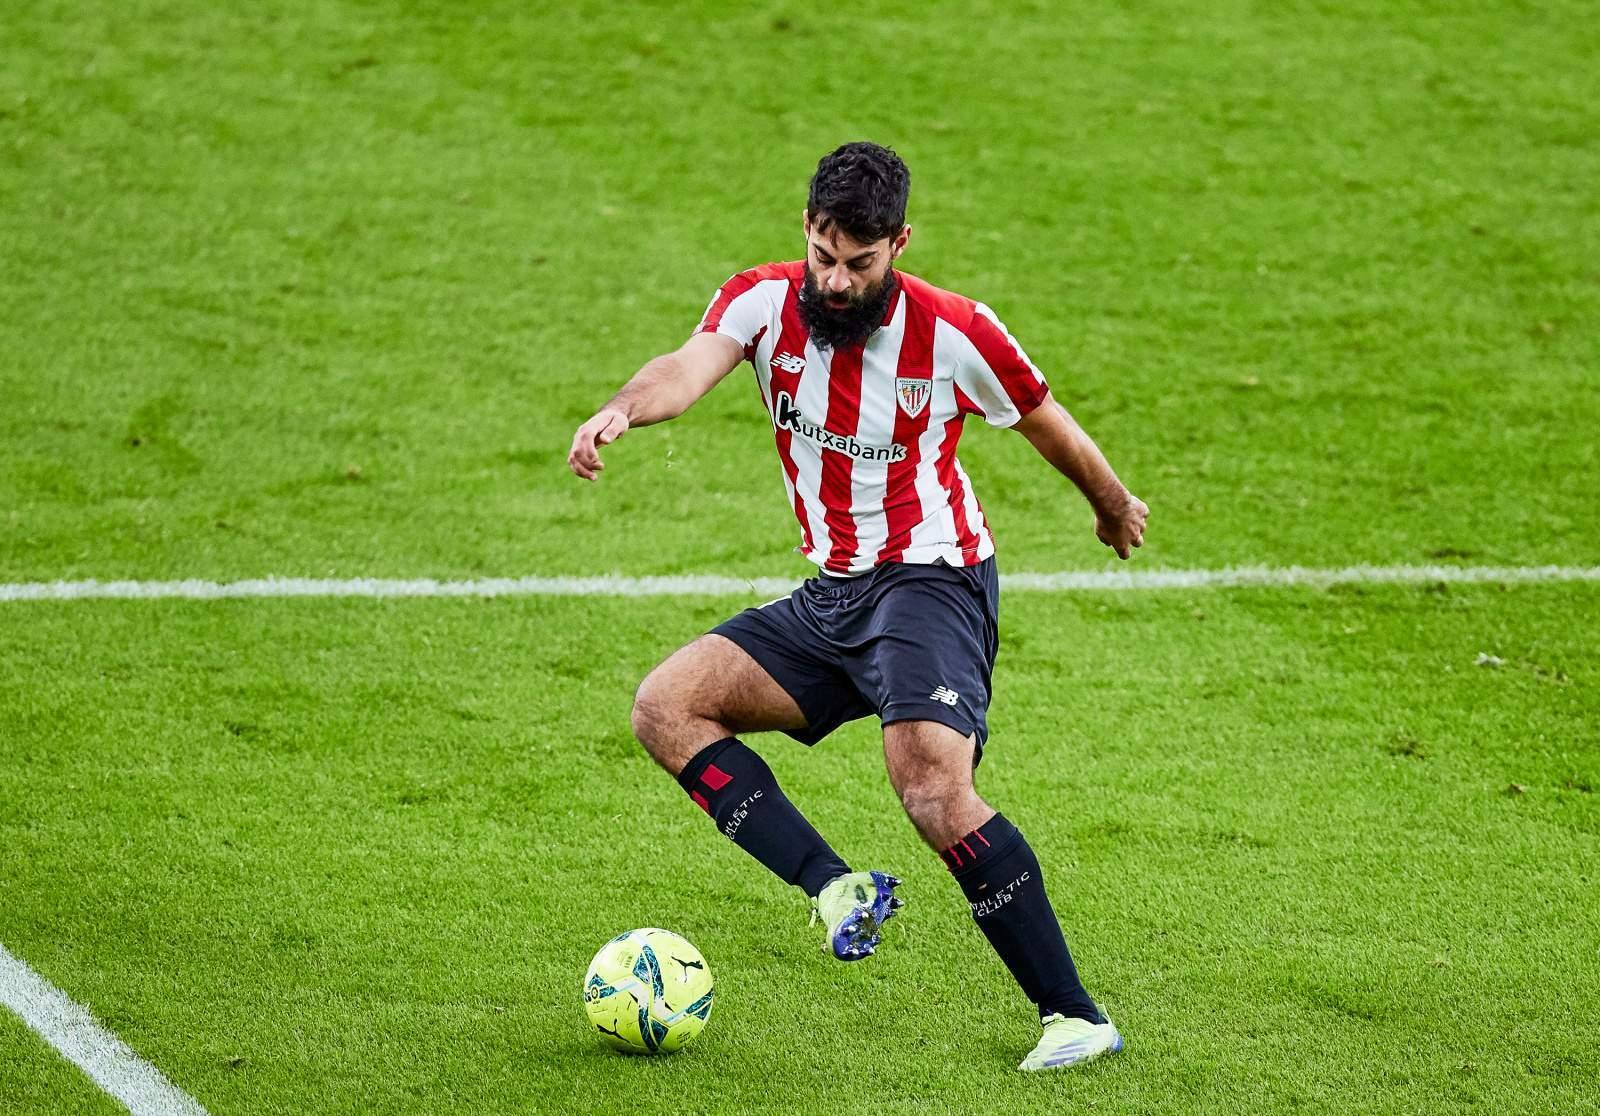 «Реал Сосьедад» с «Атлетиком» поделили очки во втором матче за четыре дня